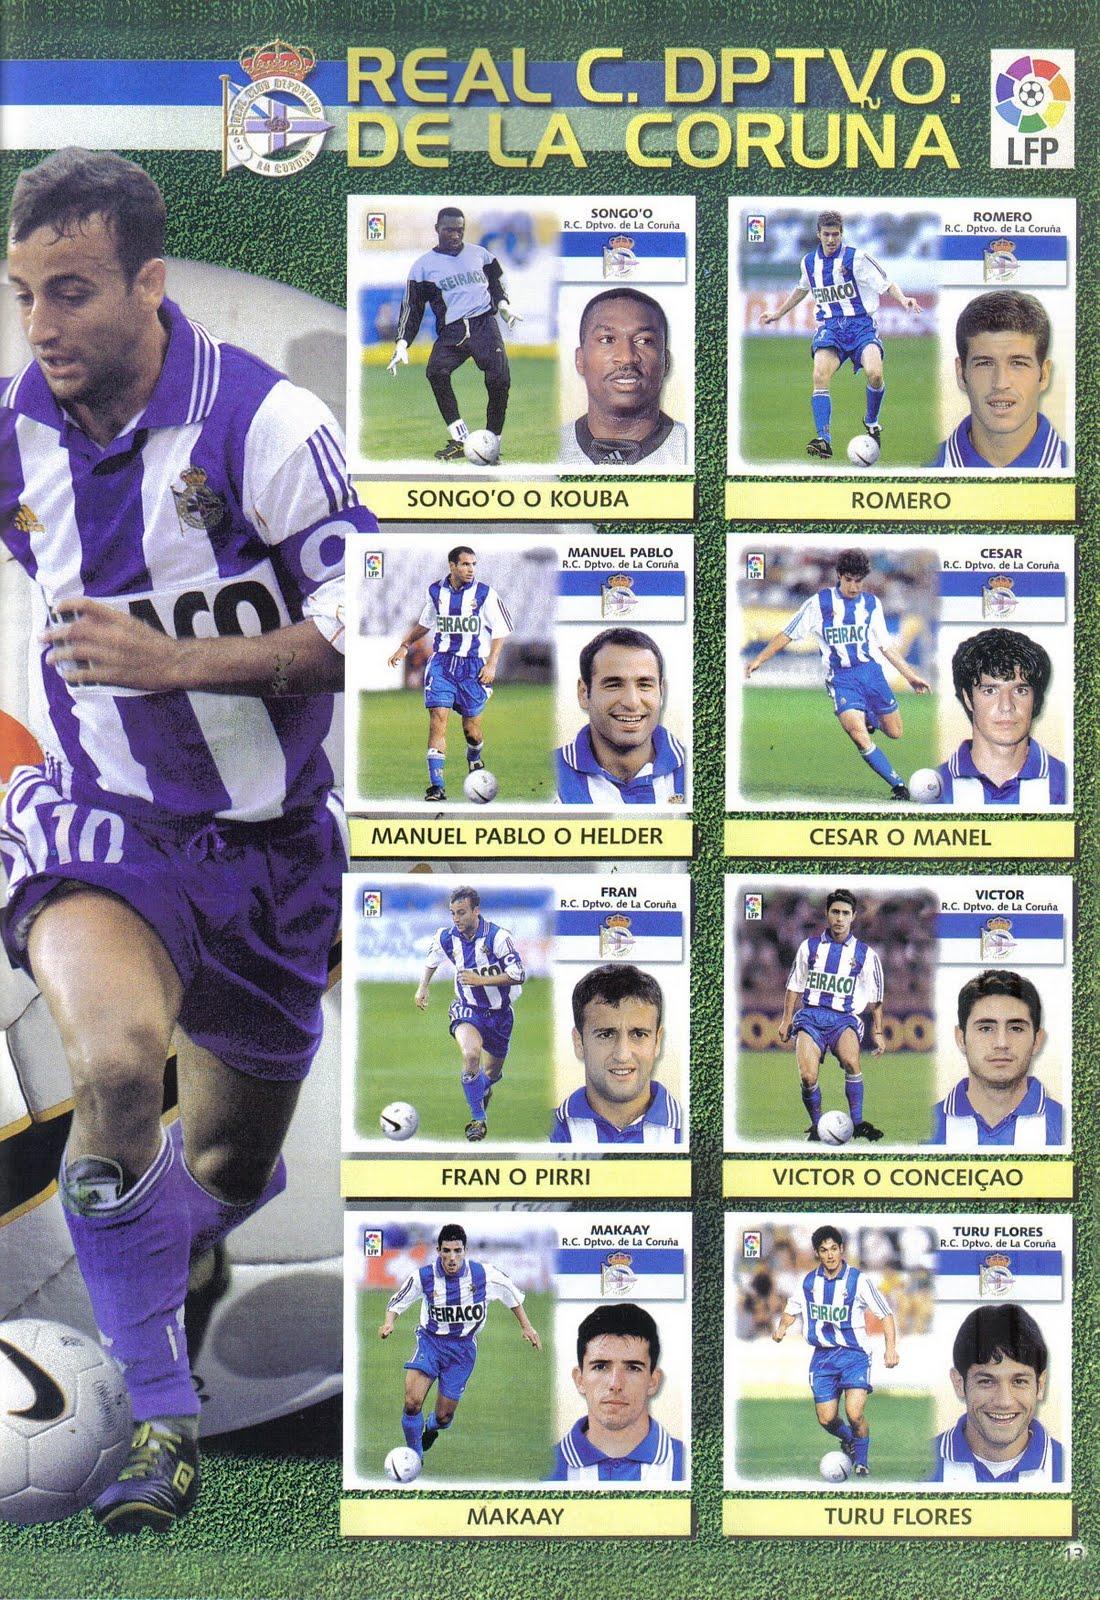 Descargar las mejores fotos Imágenes Deportivas de Futbol - Imagenes Deportivas De Futbol